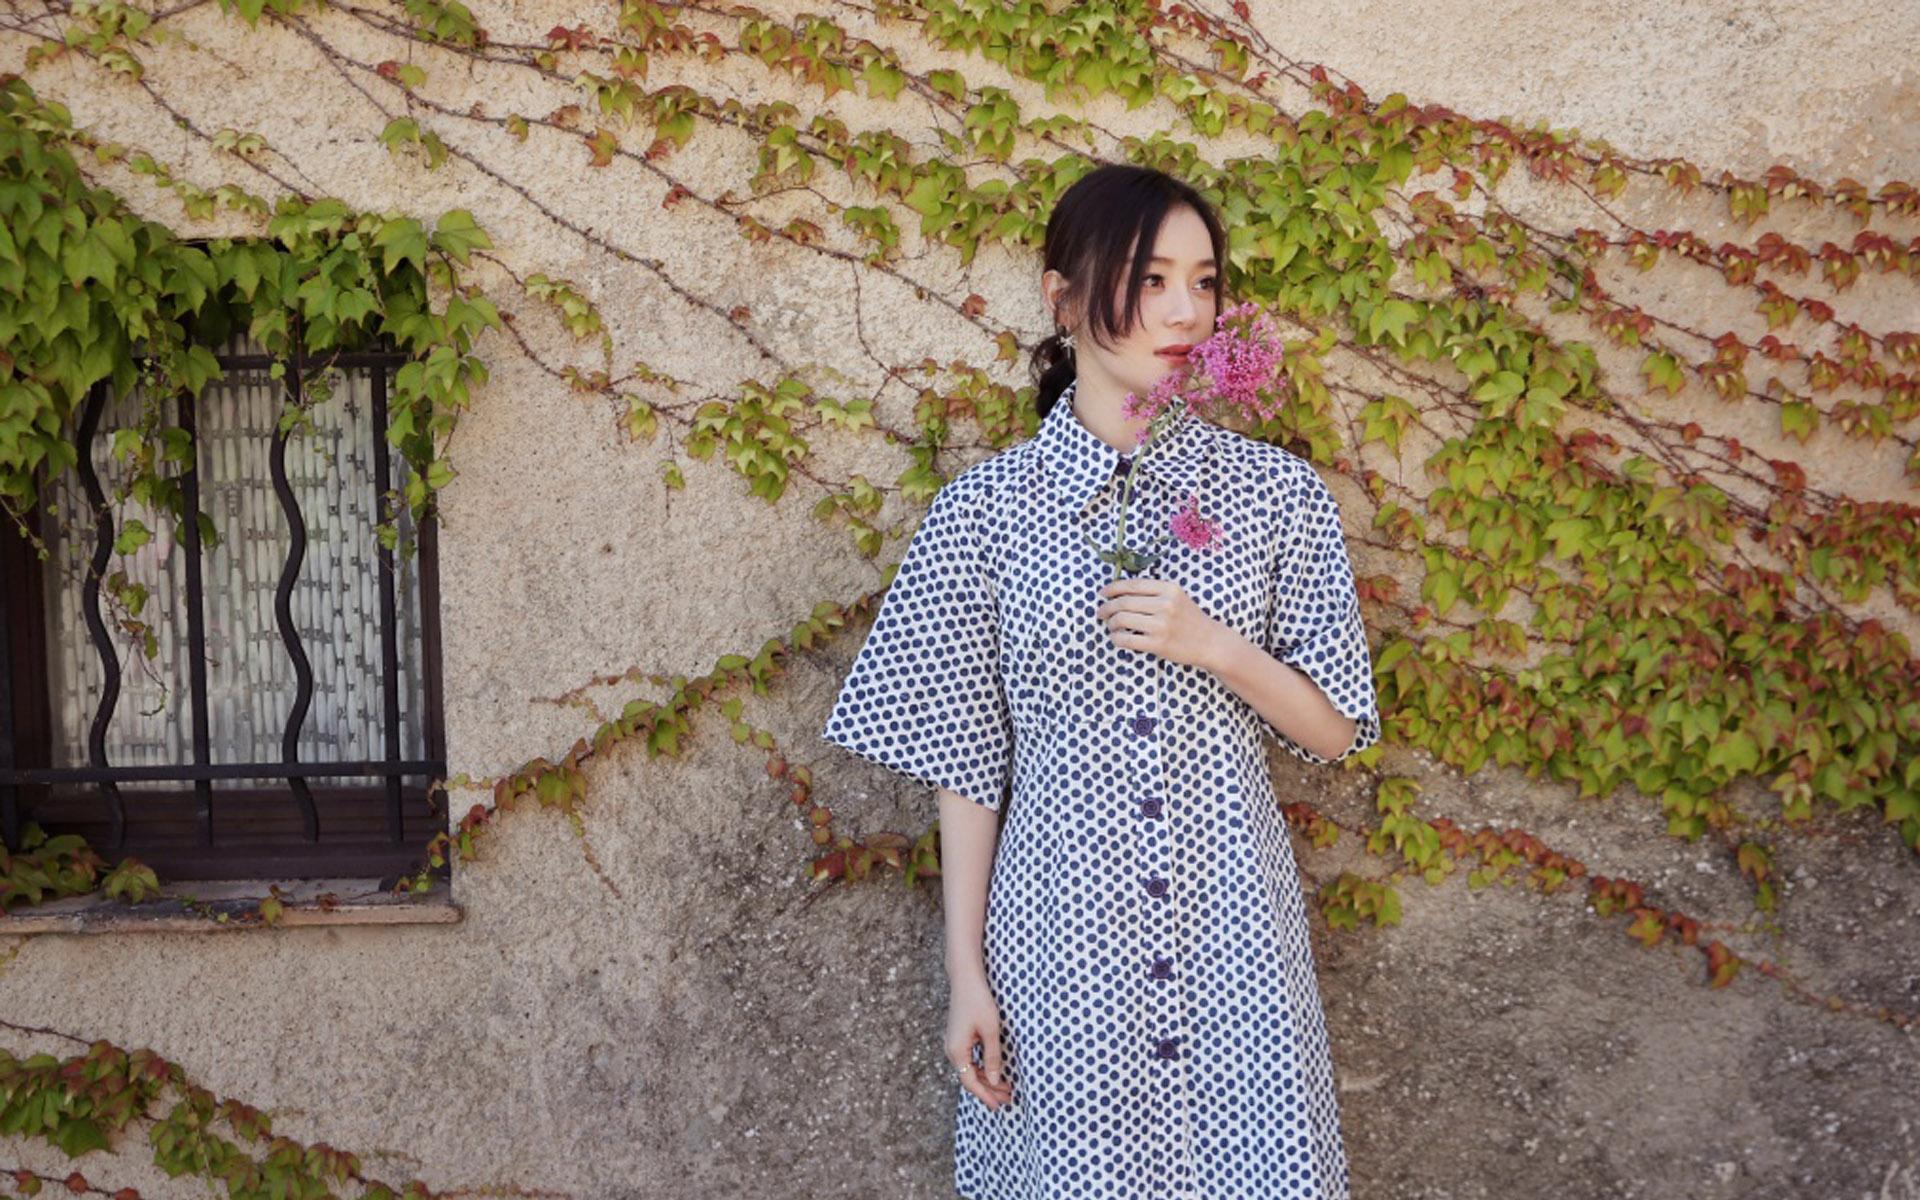 袁姗姗清甜秀丽朦胧美感阳光般写真图片